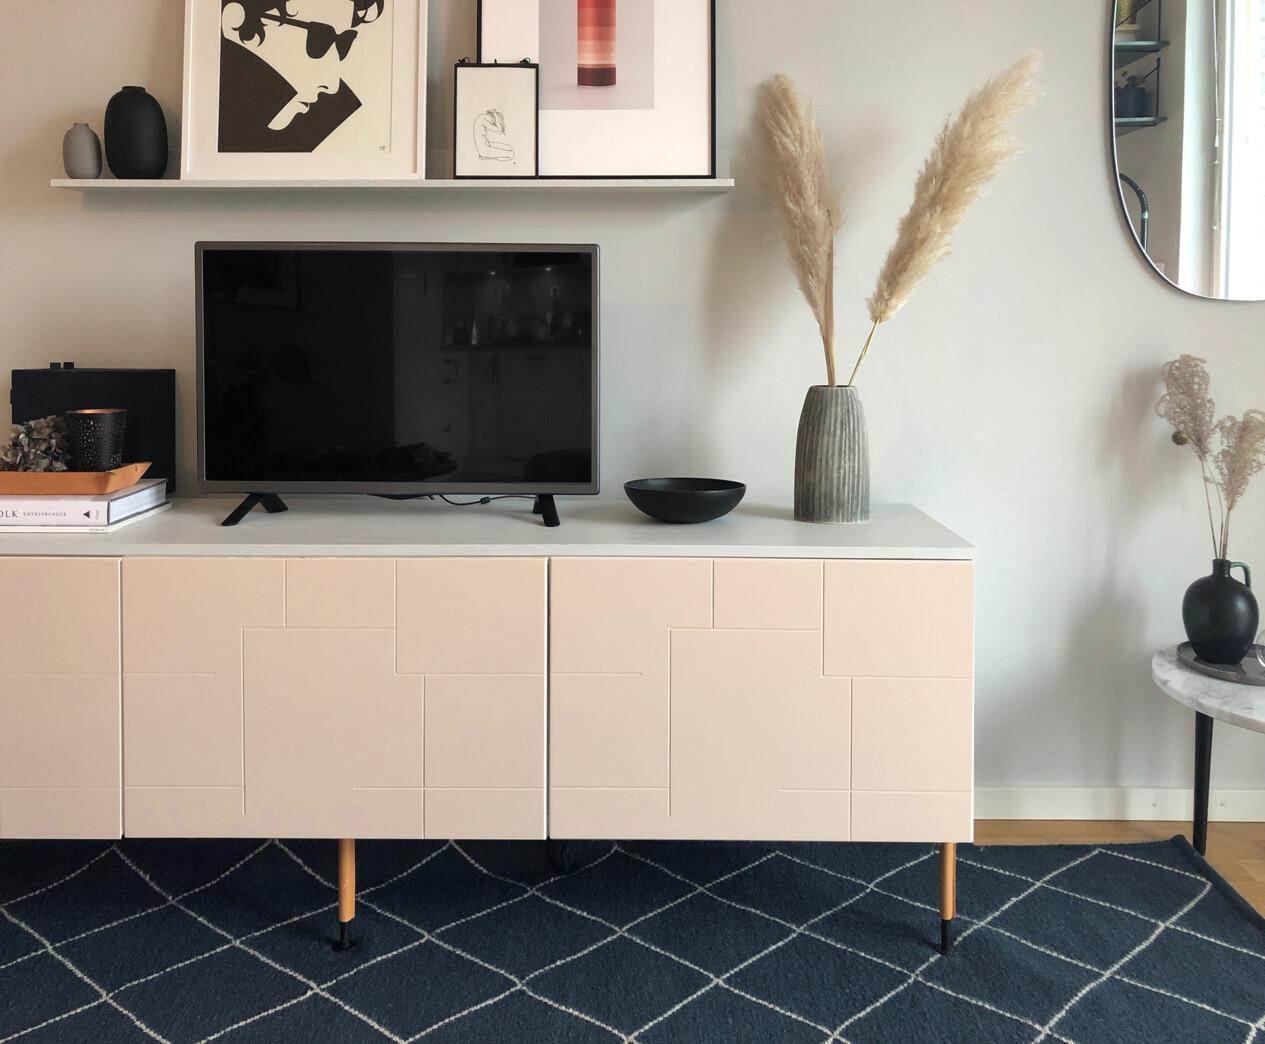 Full Size of Ikea Hacks Aufbewahrung Kaufe Neue Mbelbeine Fr Deine Aufbewahrungsmbel Prettypegs Aufbewahrungssystem Küche Betten 160x200 Bett Mit Bei Kaufen Modulküche Wohnzimmer Ikea Hacks Aufbewahrung